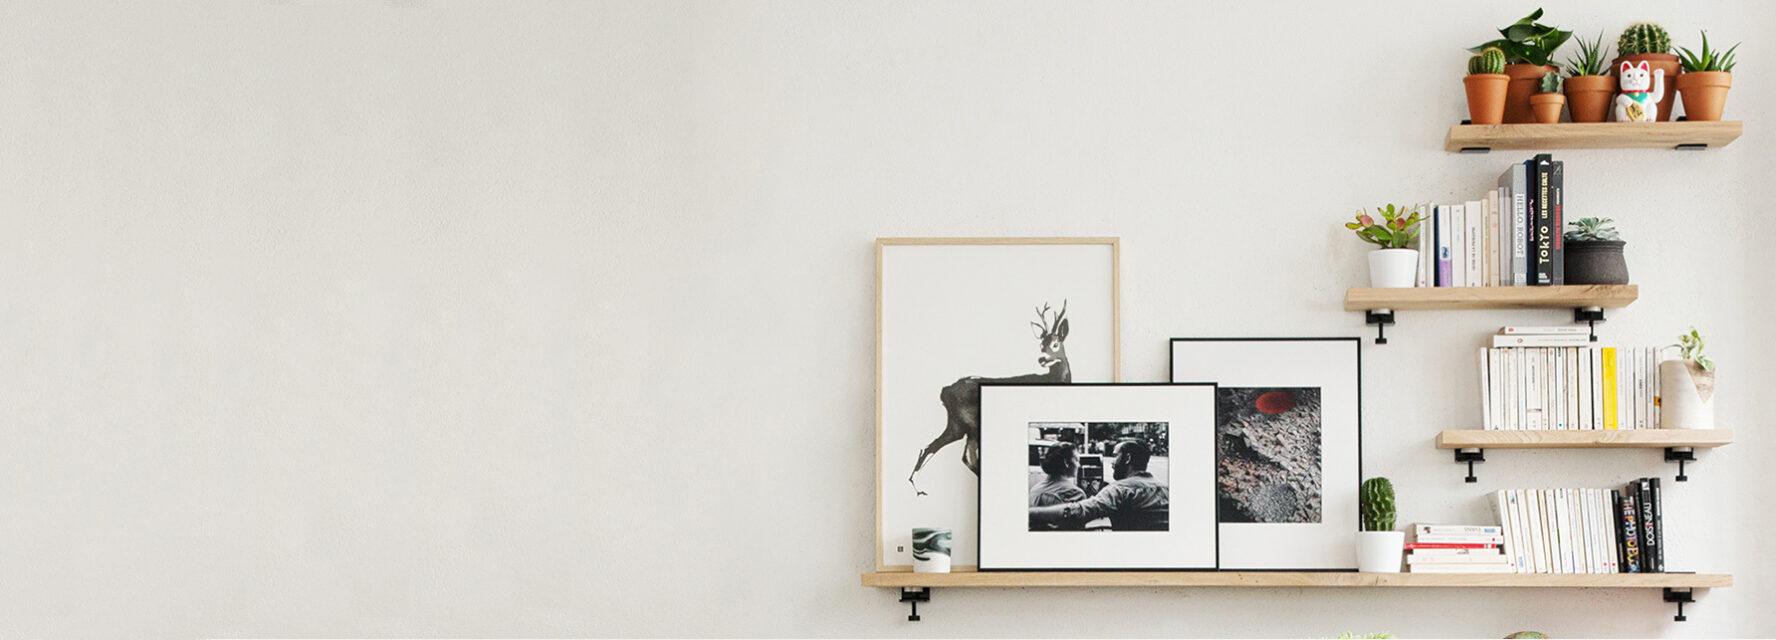 Wall shelves - TIPTOE